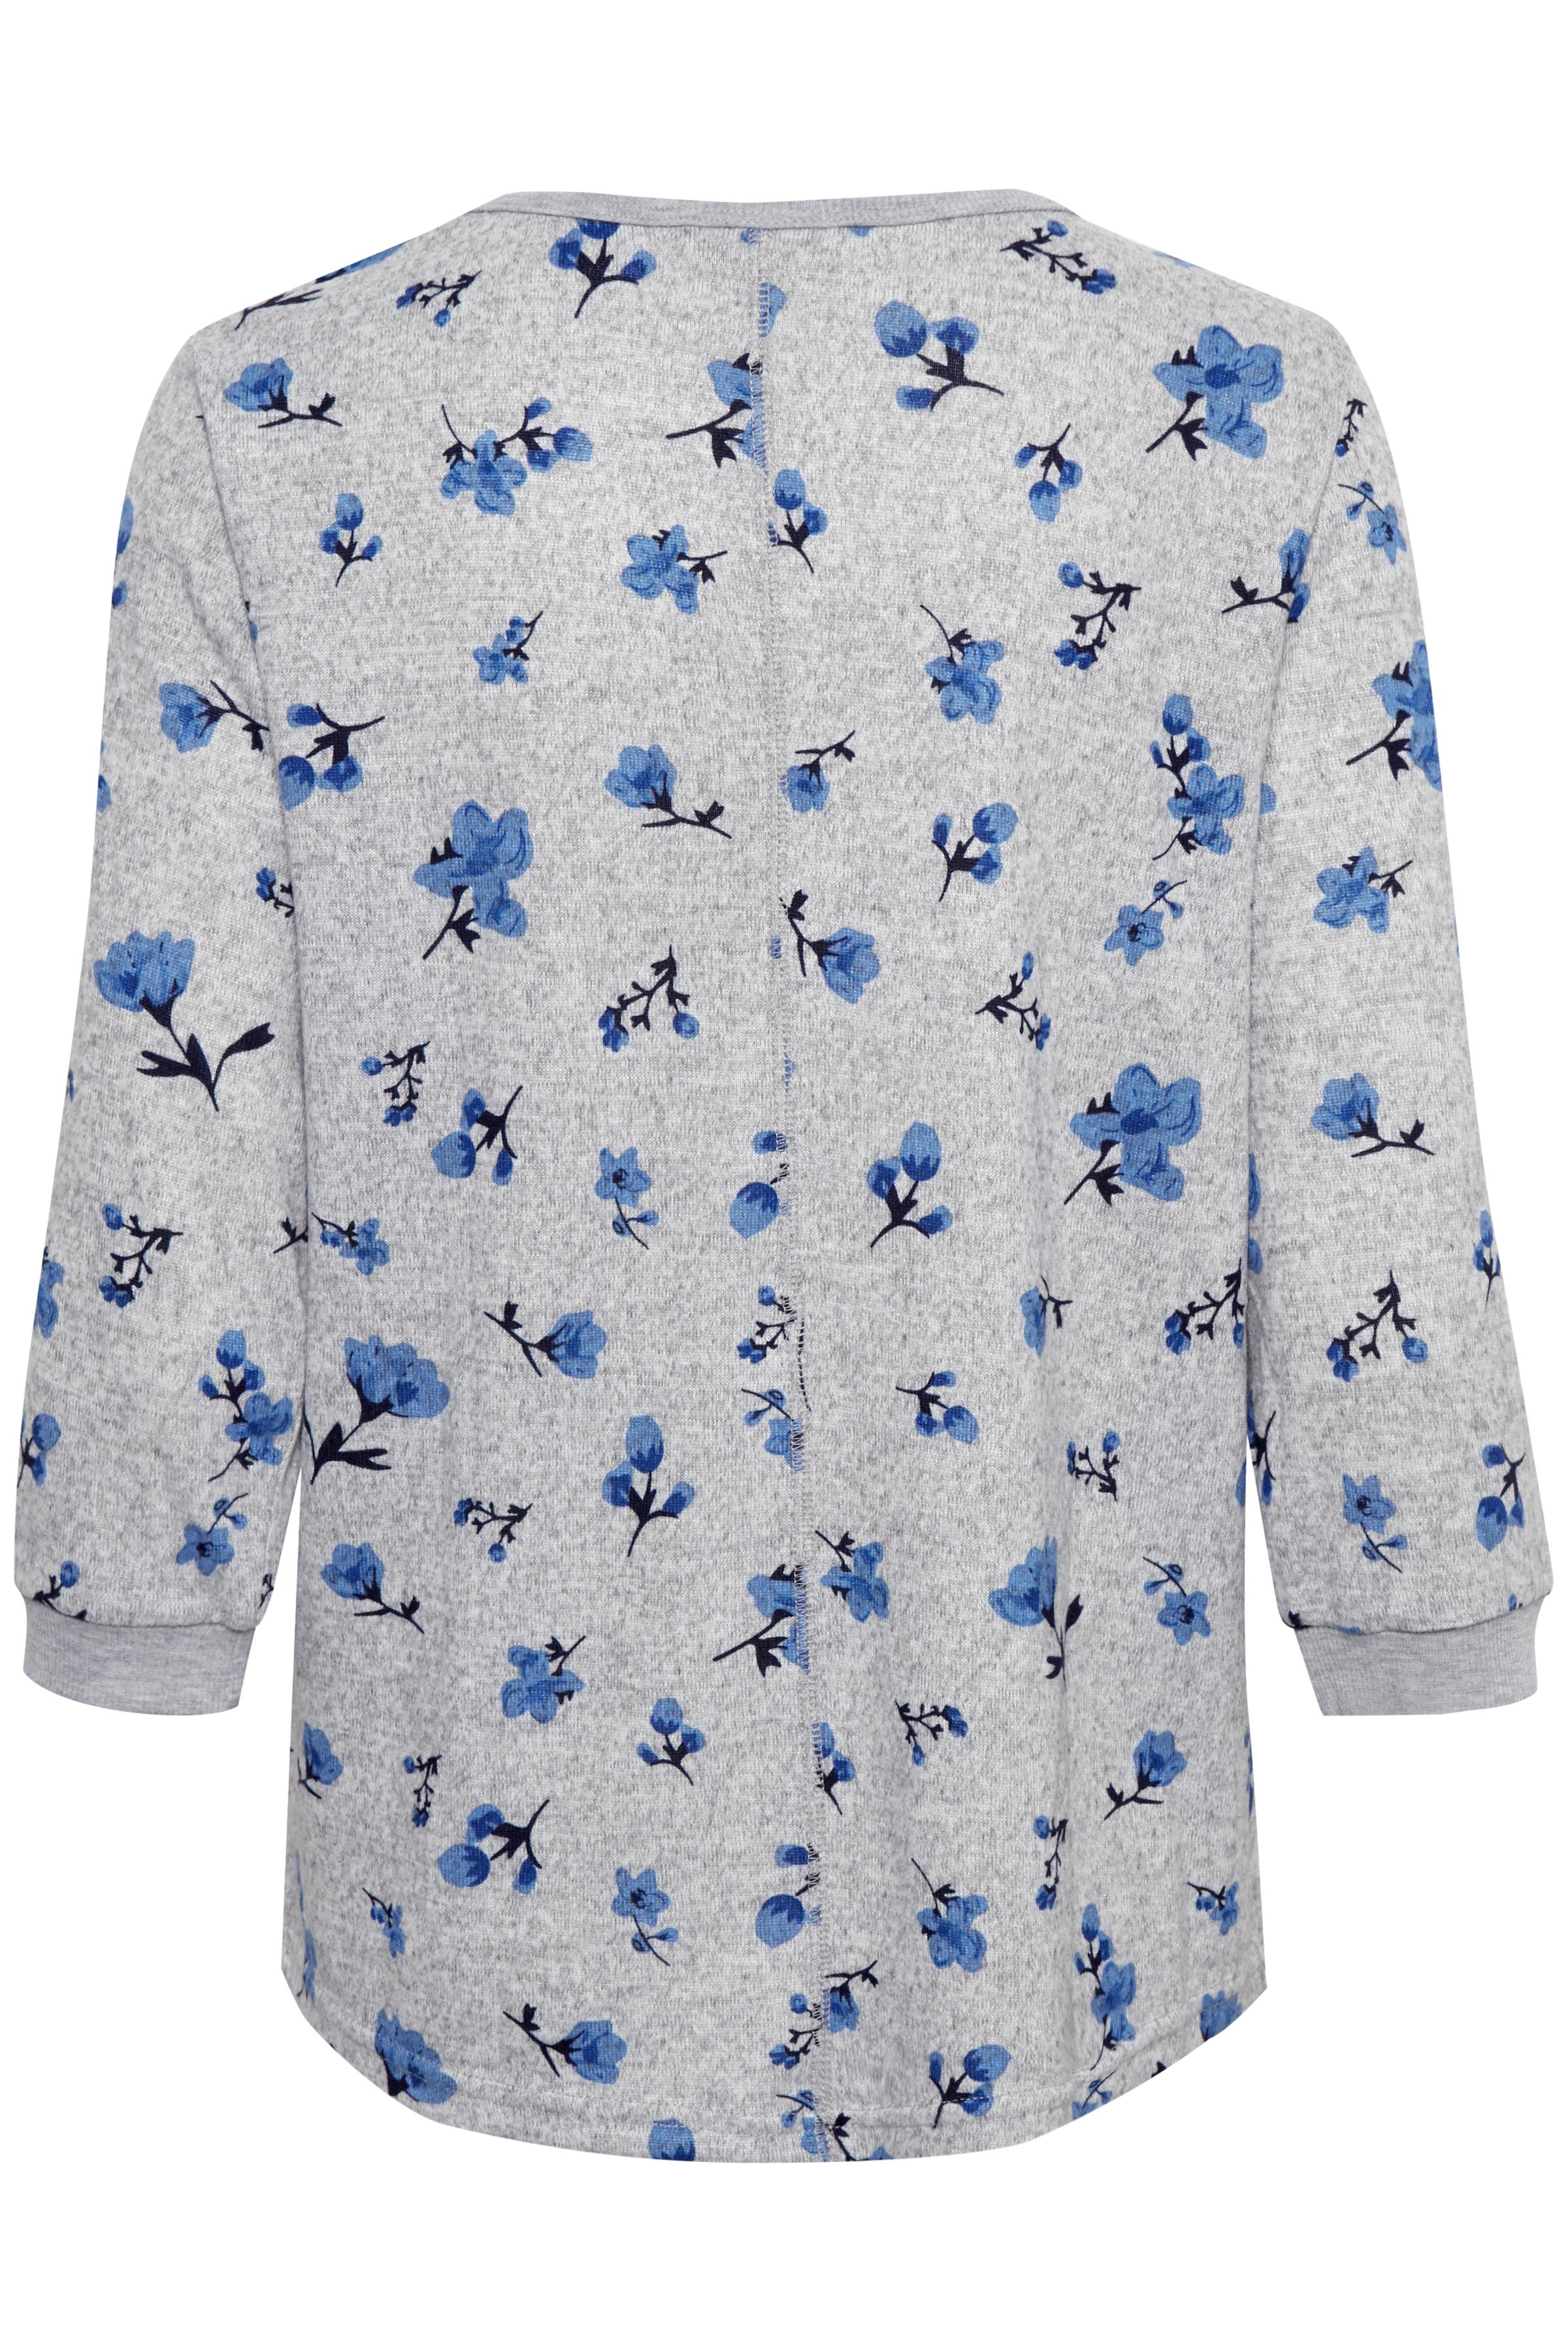 Ljus gråmelerad/blå Blus från Fransa – Köp Ljus gråmelerad/blå Blus från stl. XS-XXL här